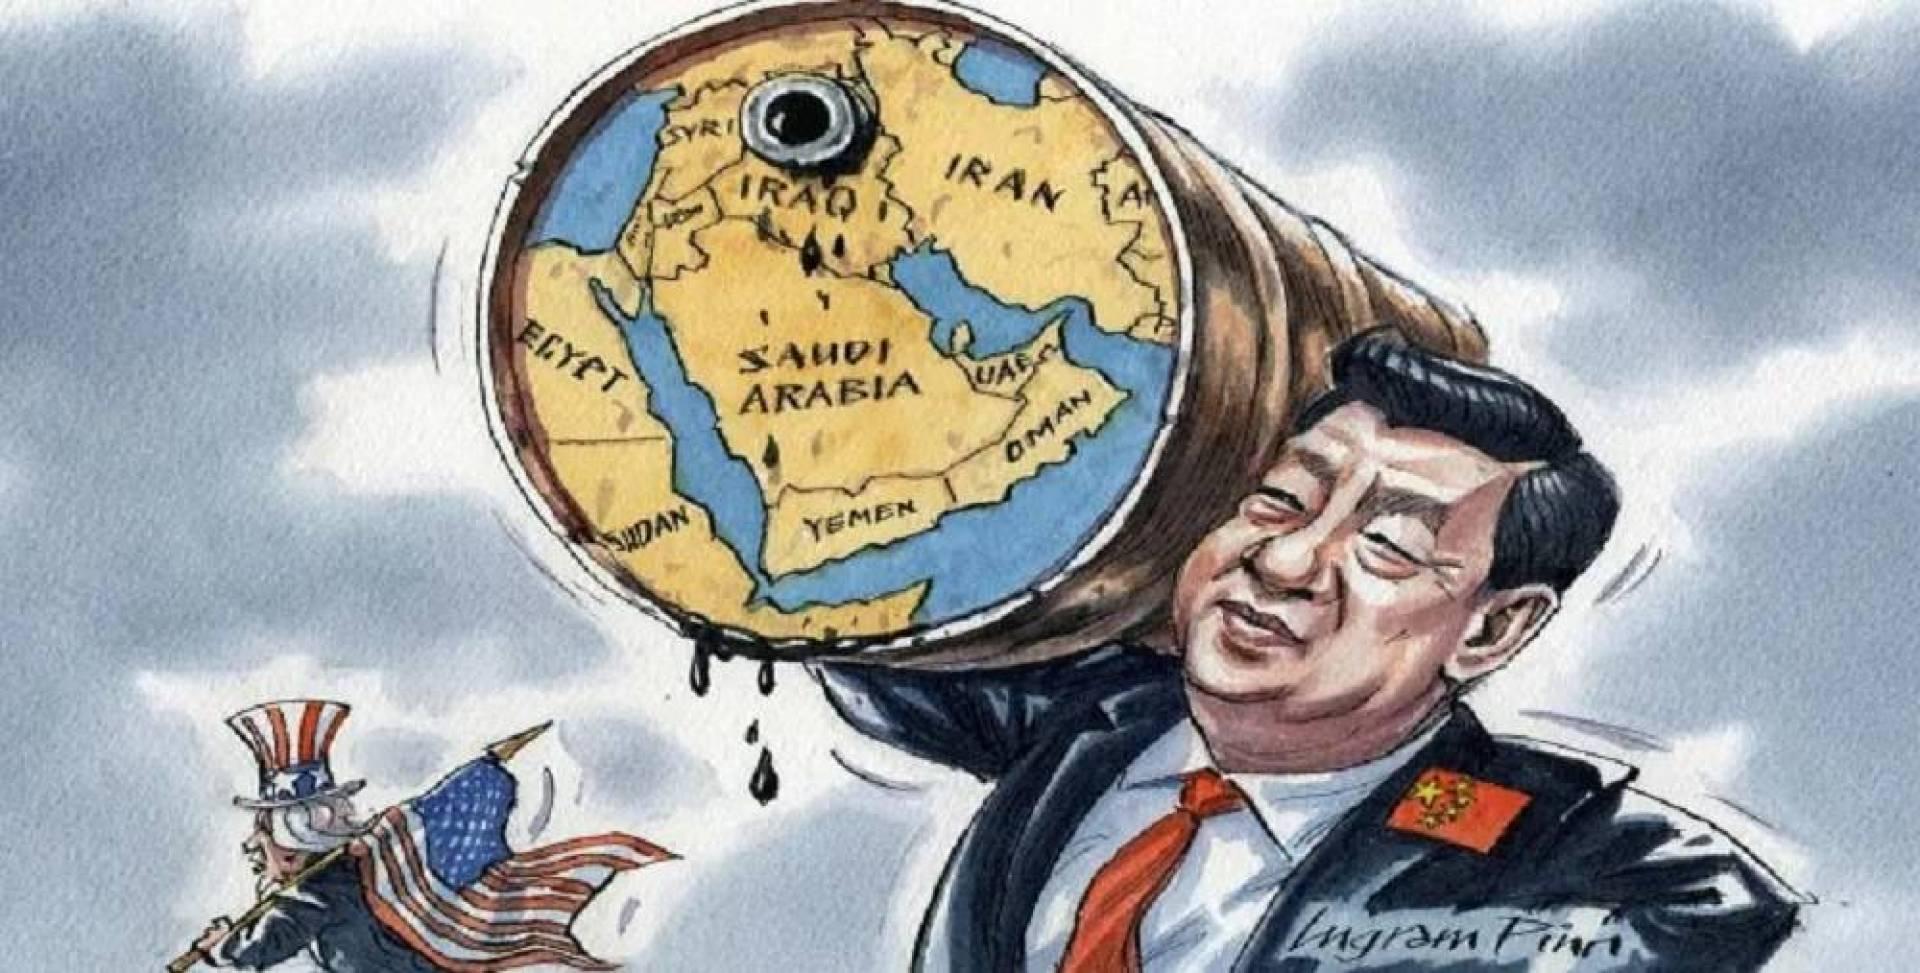 فايننشال تايمز: بدون رصاصة واحدة.. هكذا ابتلعت الصين «الشرق الأوسط»